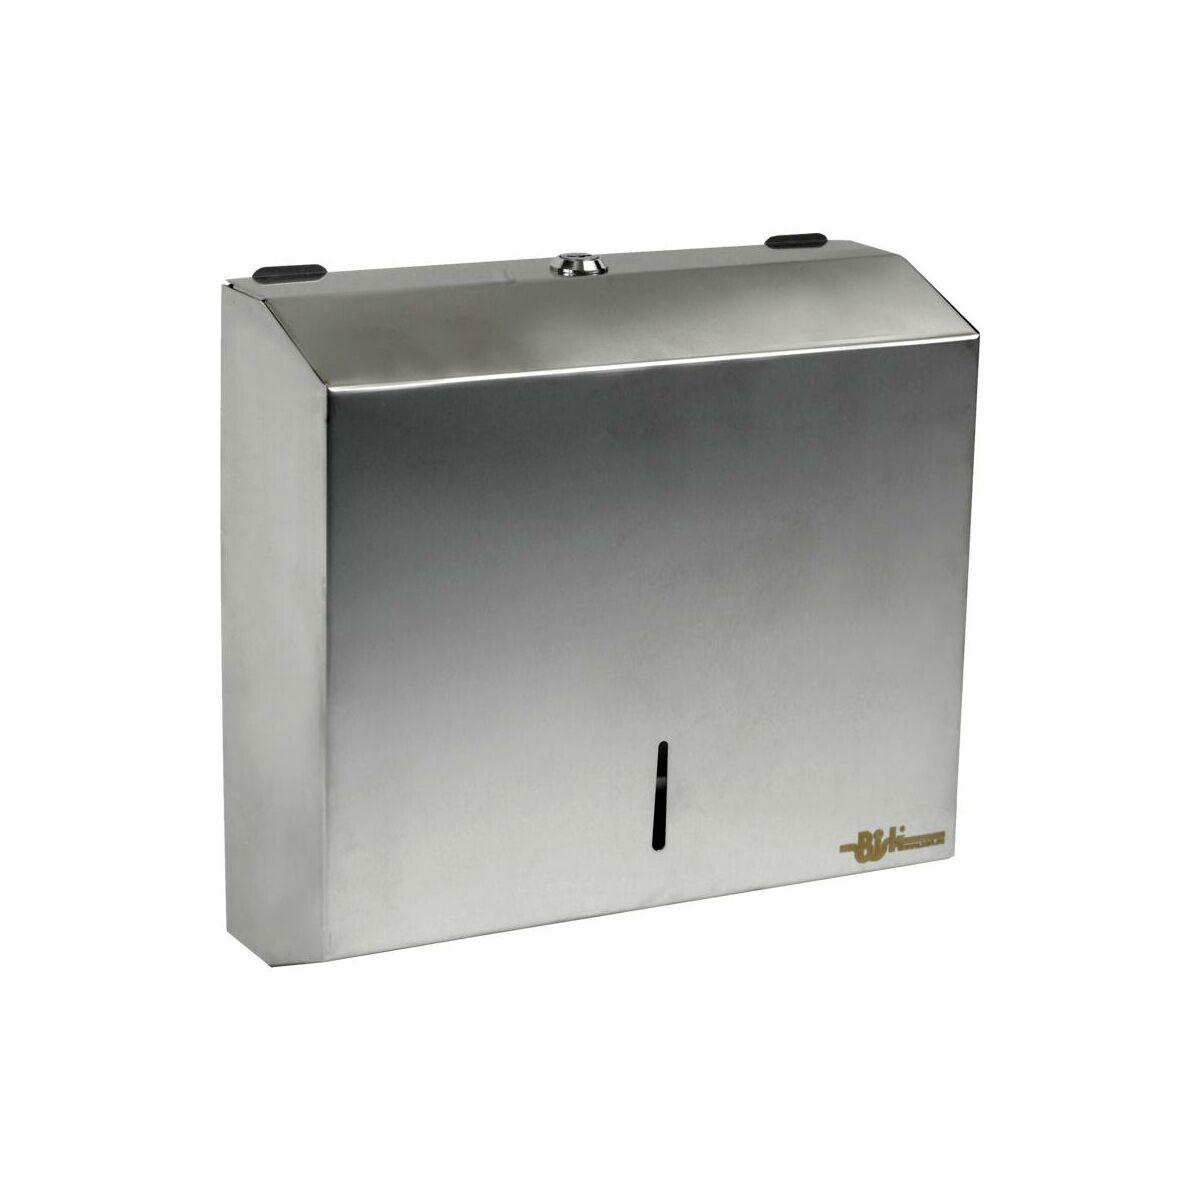 Podajnik Na Reczniki Papierowe Listkowy Pl S1 Bisk Akcesoria Hotelowe W Atrakcyjnej Cenie W Sklepach Leroy Merlin